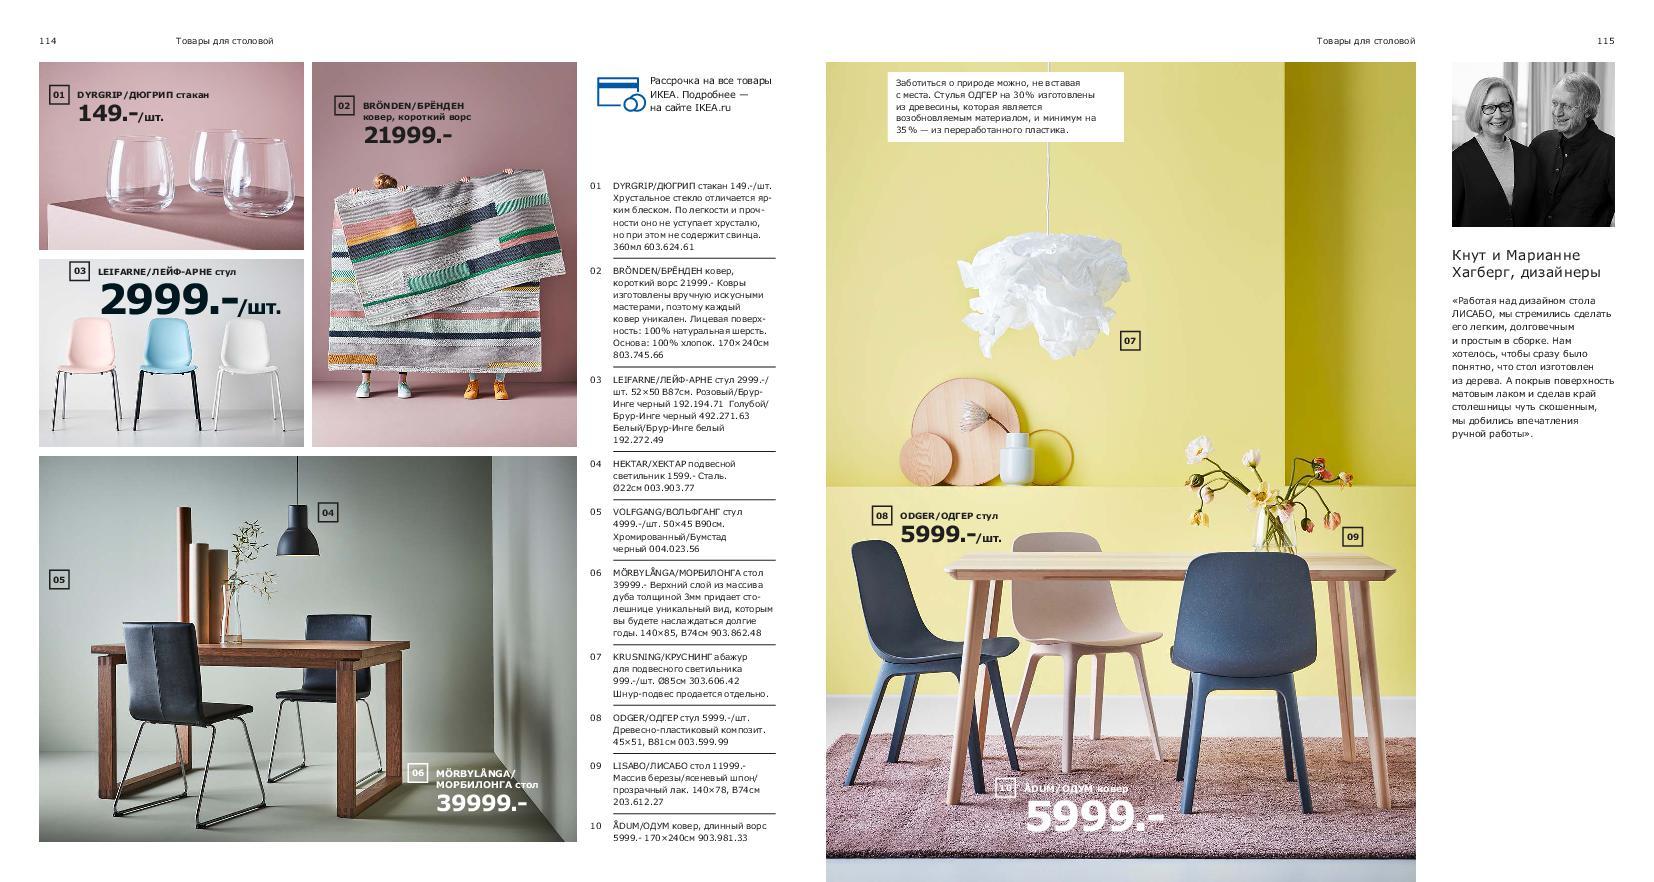 IKEA_catalogue_2019-58